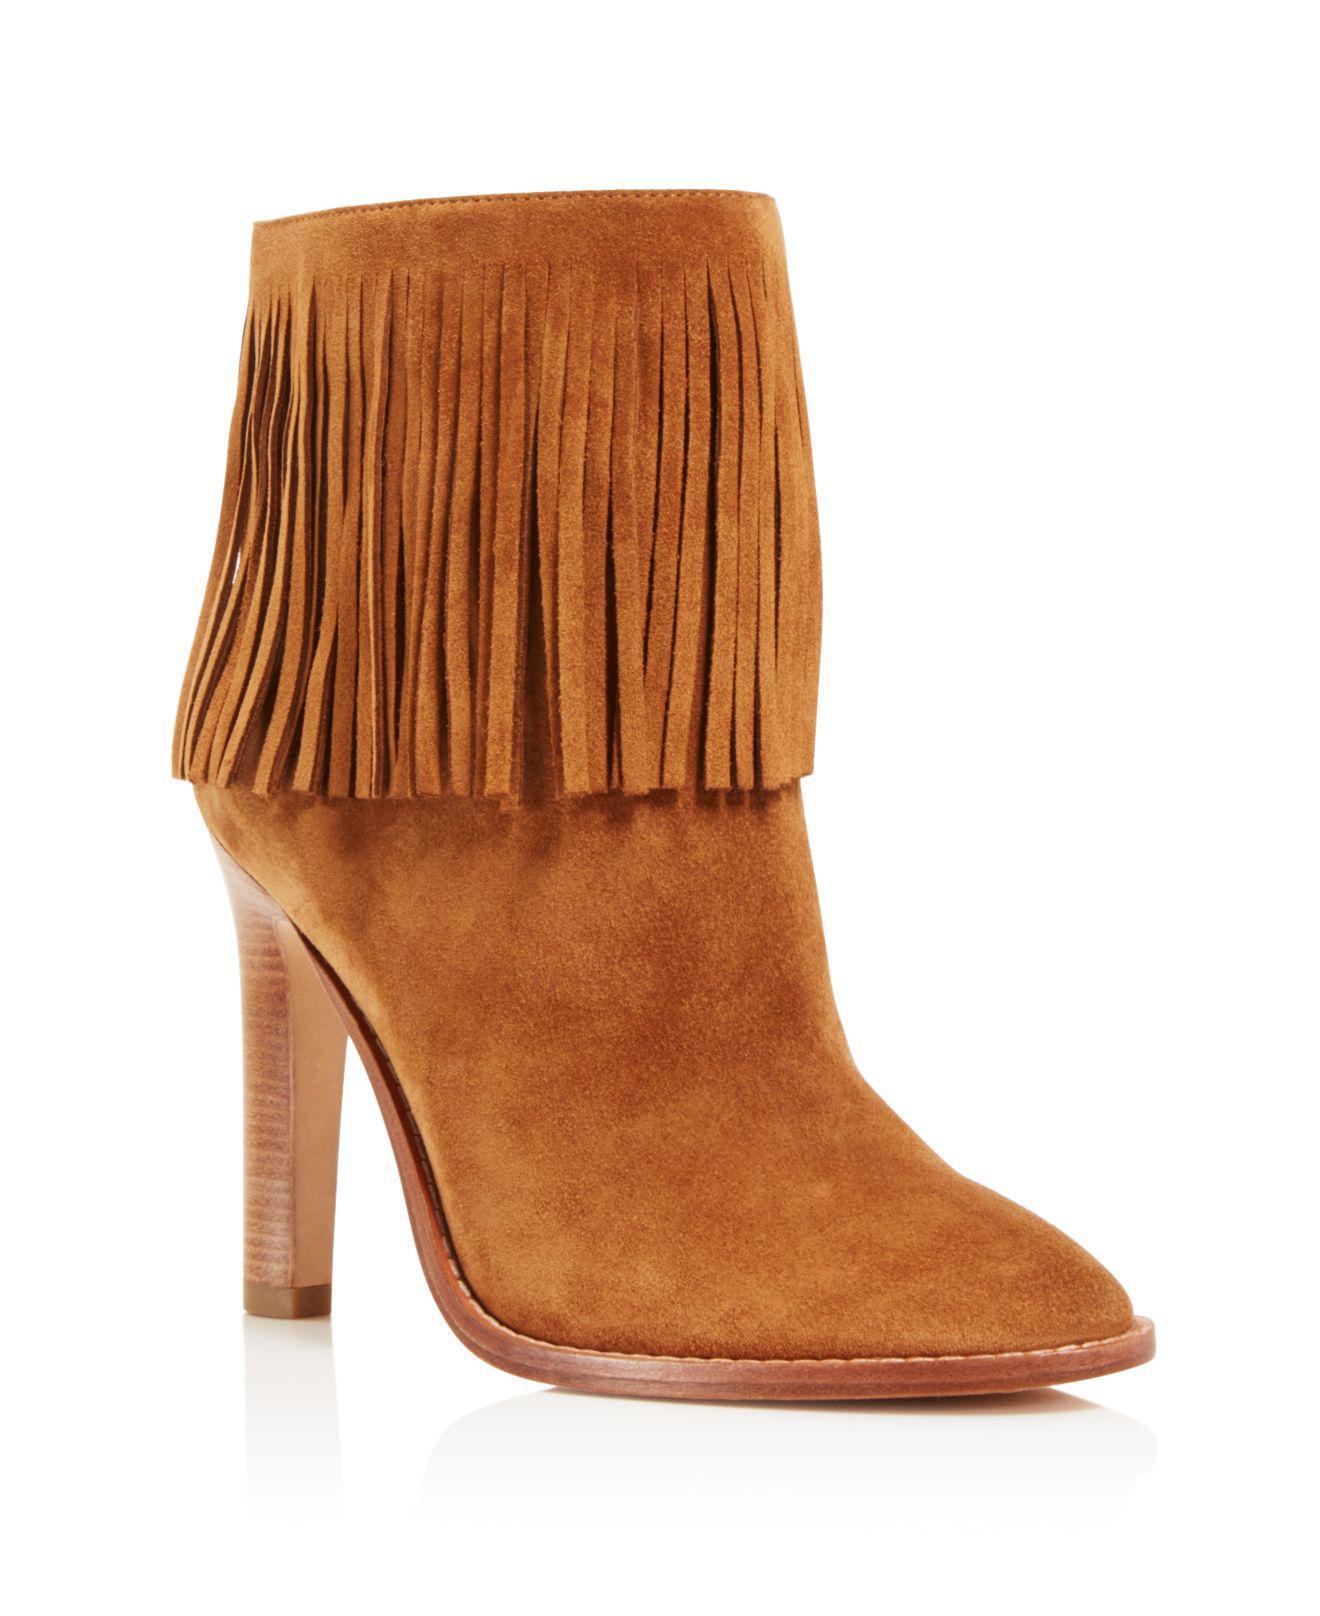 Joie Cambrie High Heel Booties - 100% Exclusive Chestnut Women